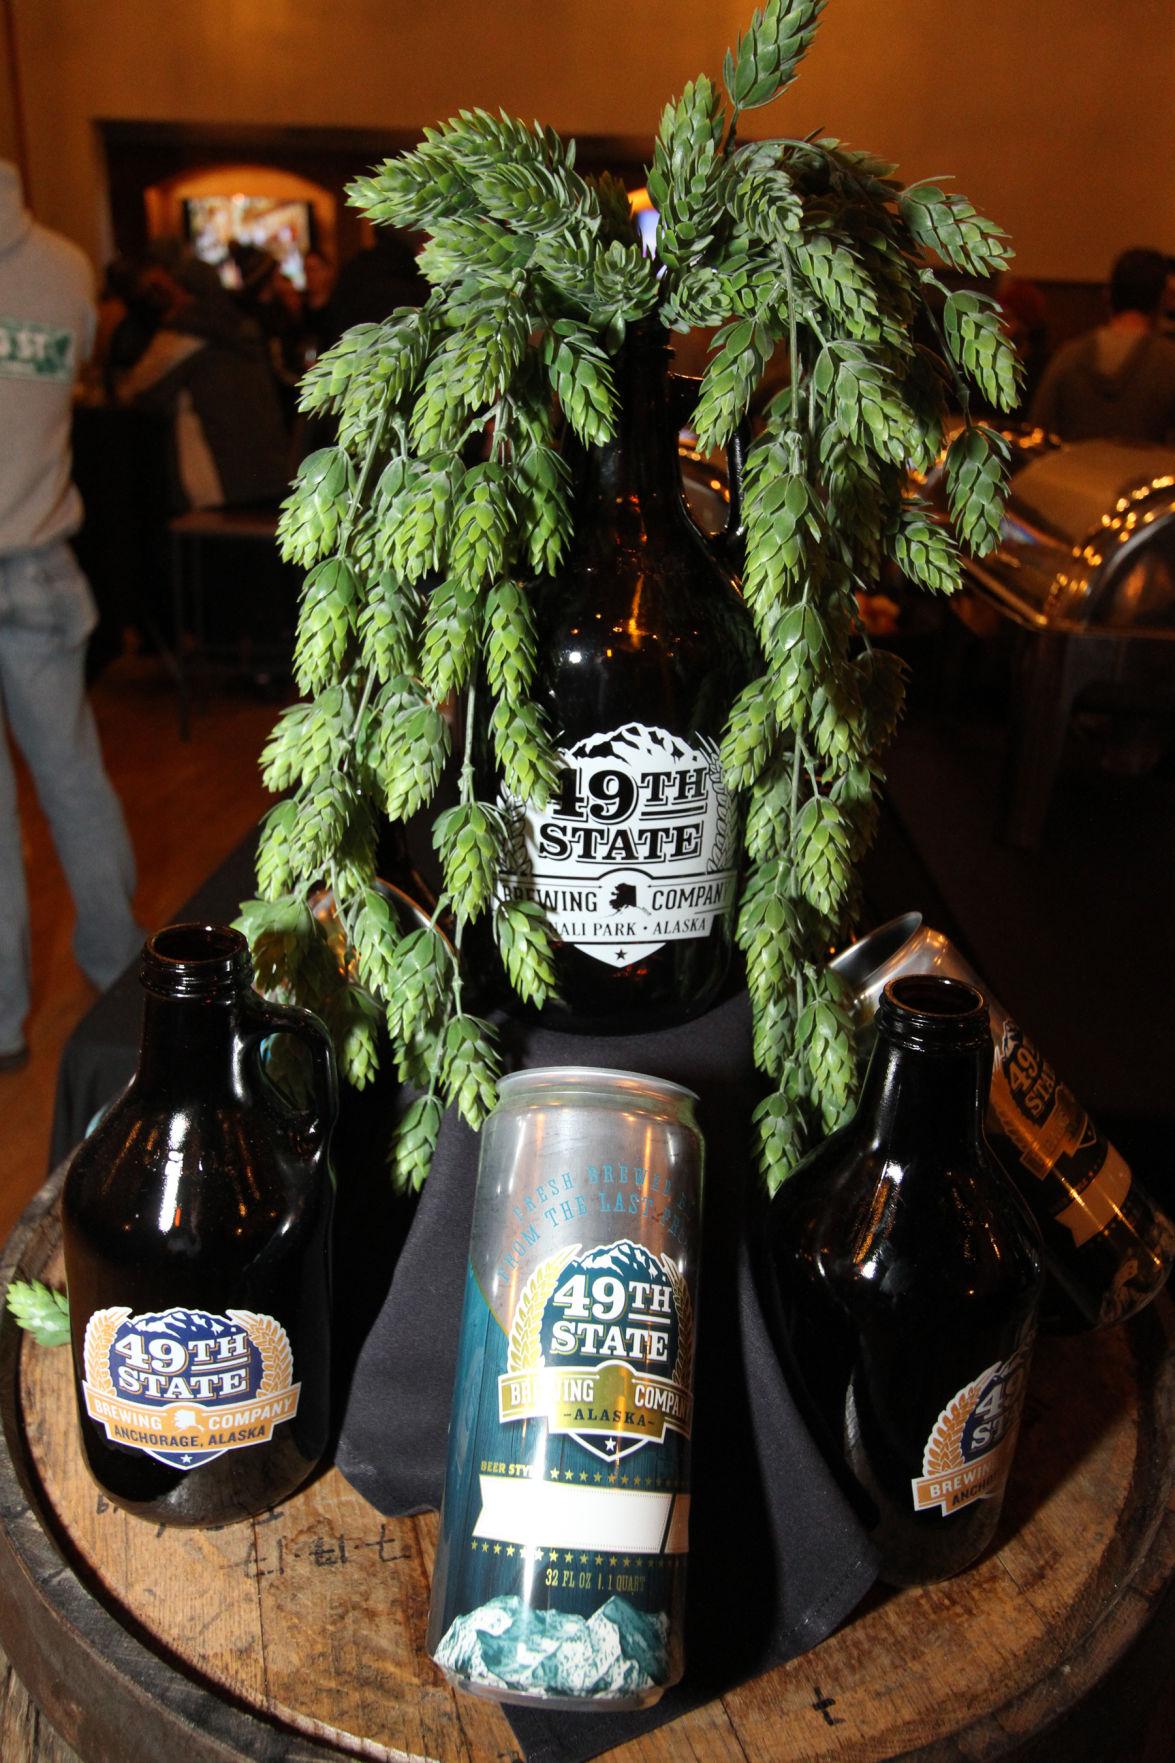 49th Stgate - Wreath of Beer.jpg